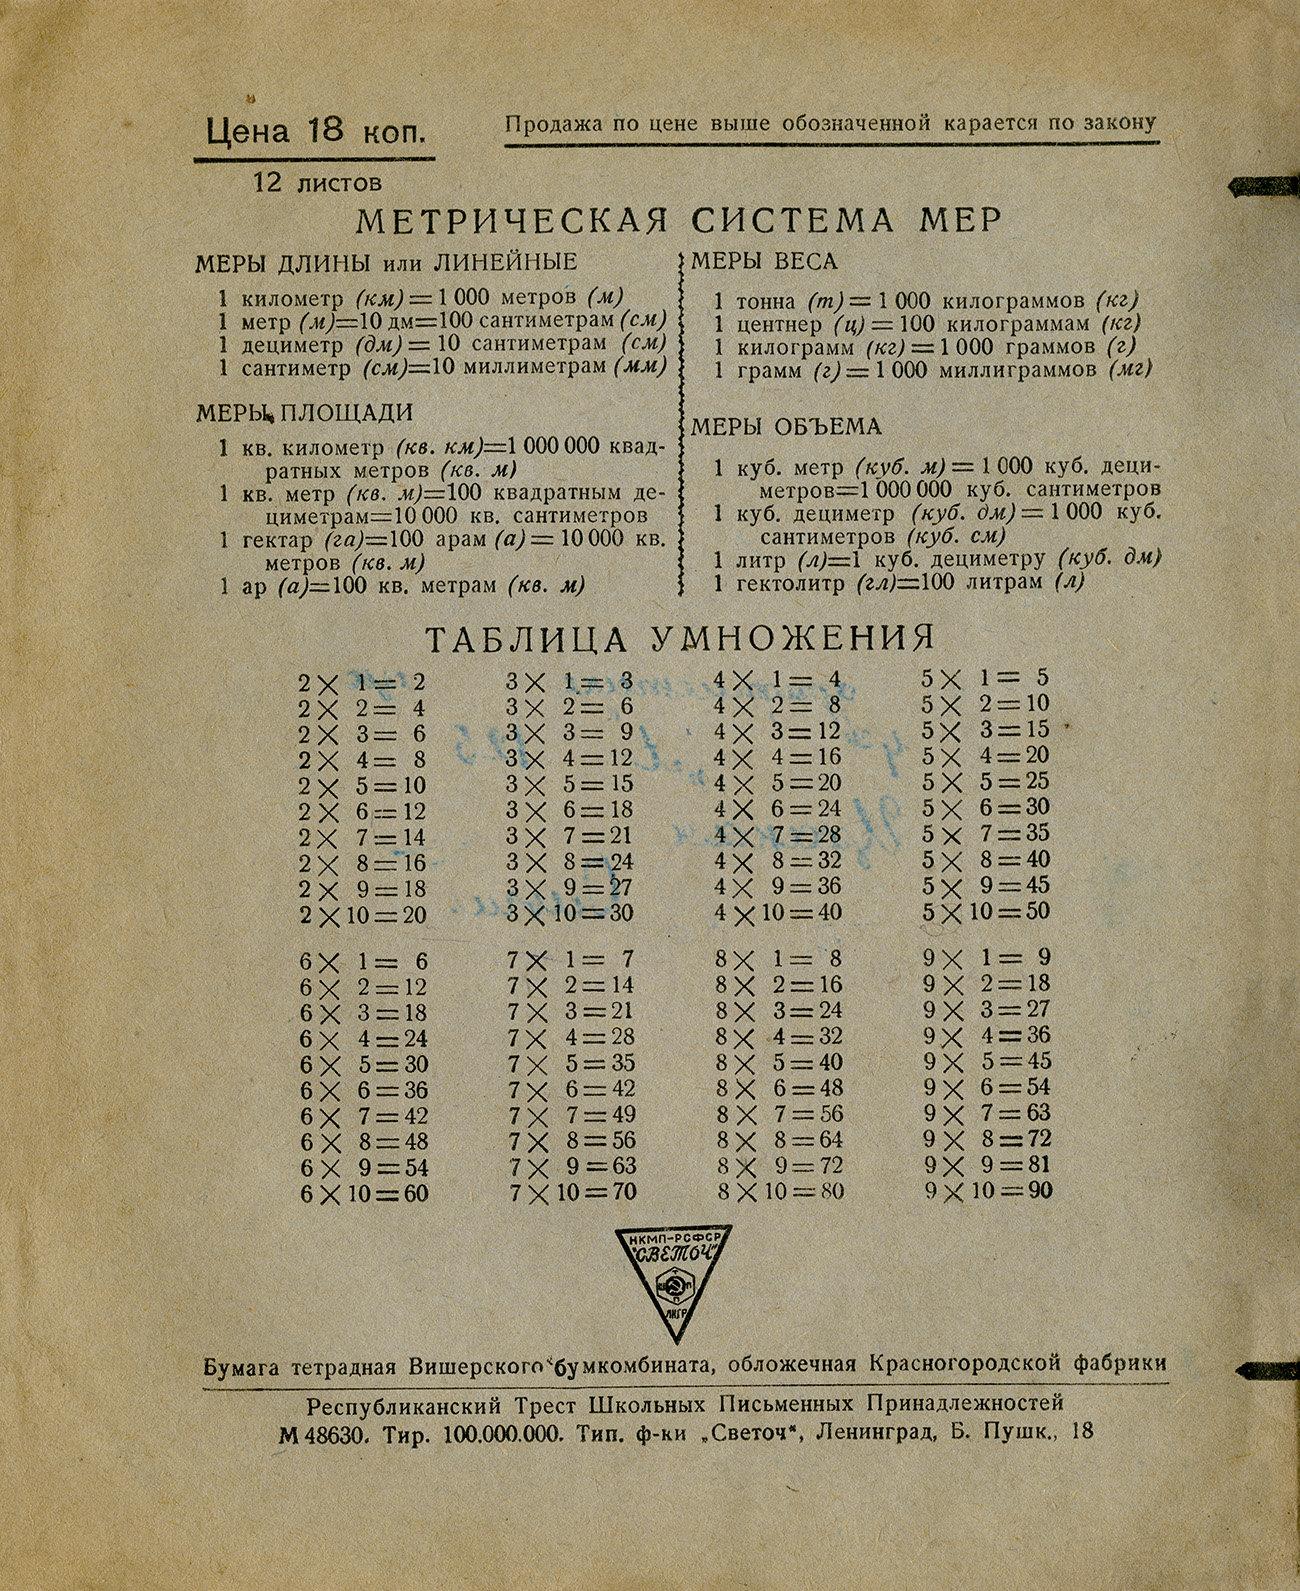 Тетрадь Фабрика Светоч оборот